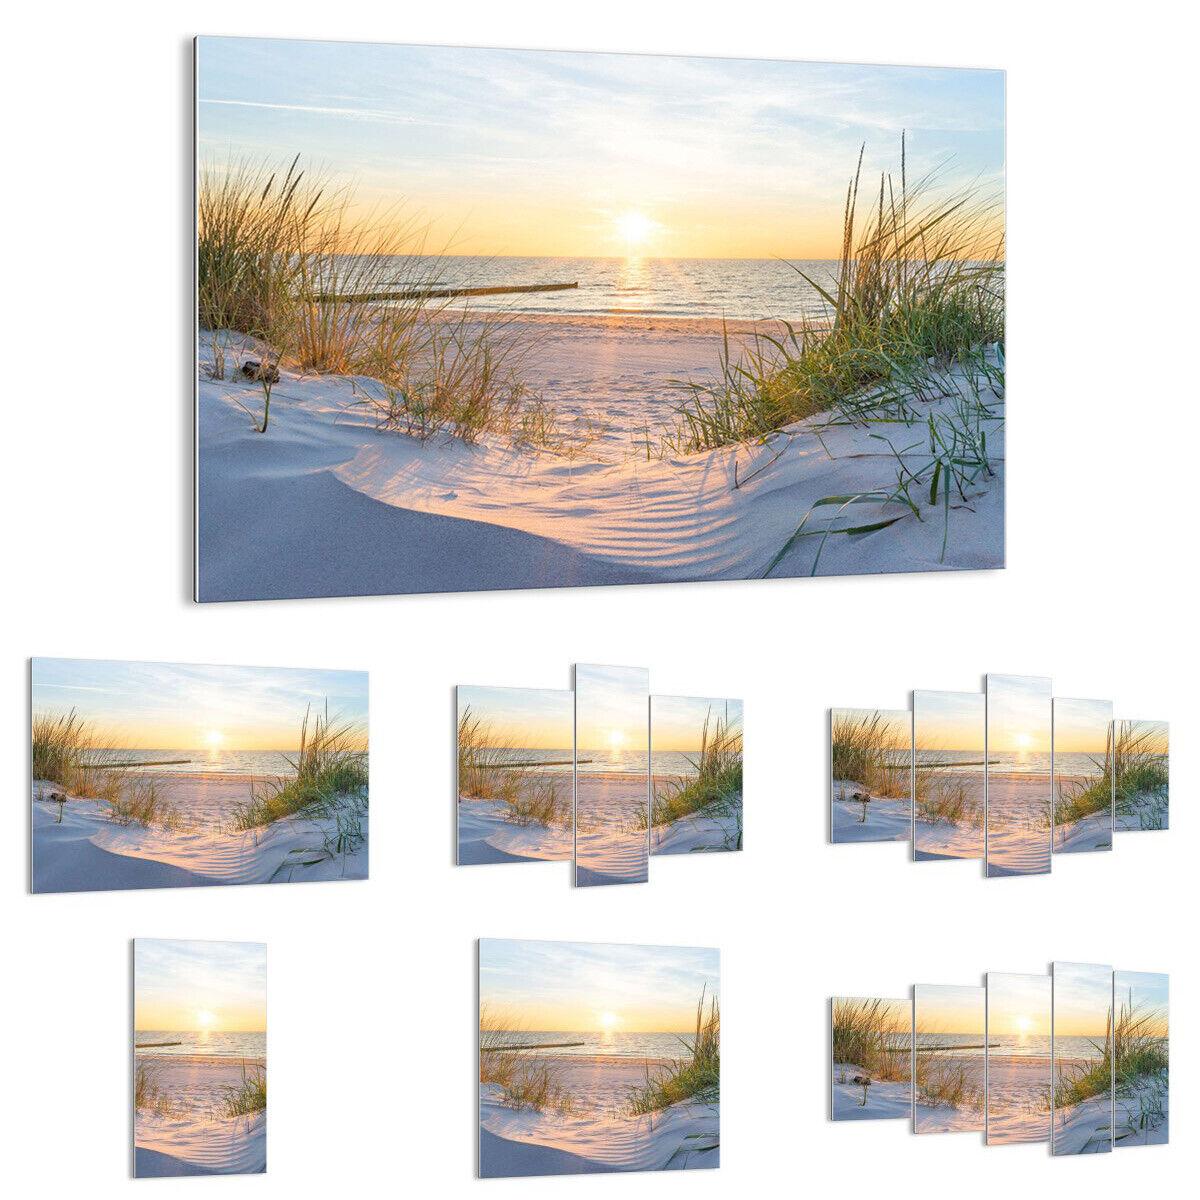 IMAGE SUR VERRE Tableau dune plage mer 3989 FR